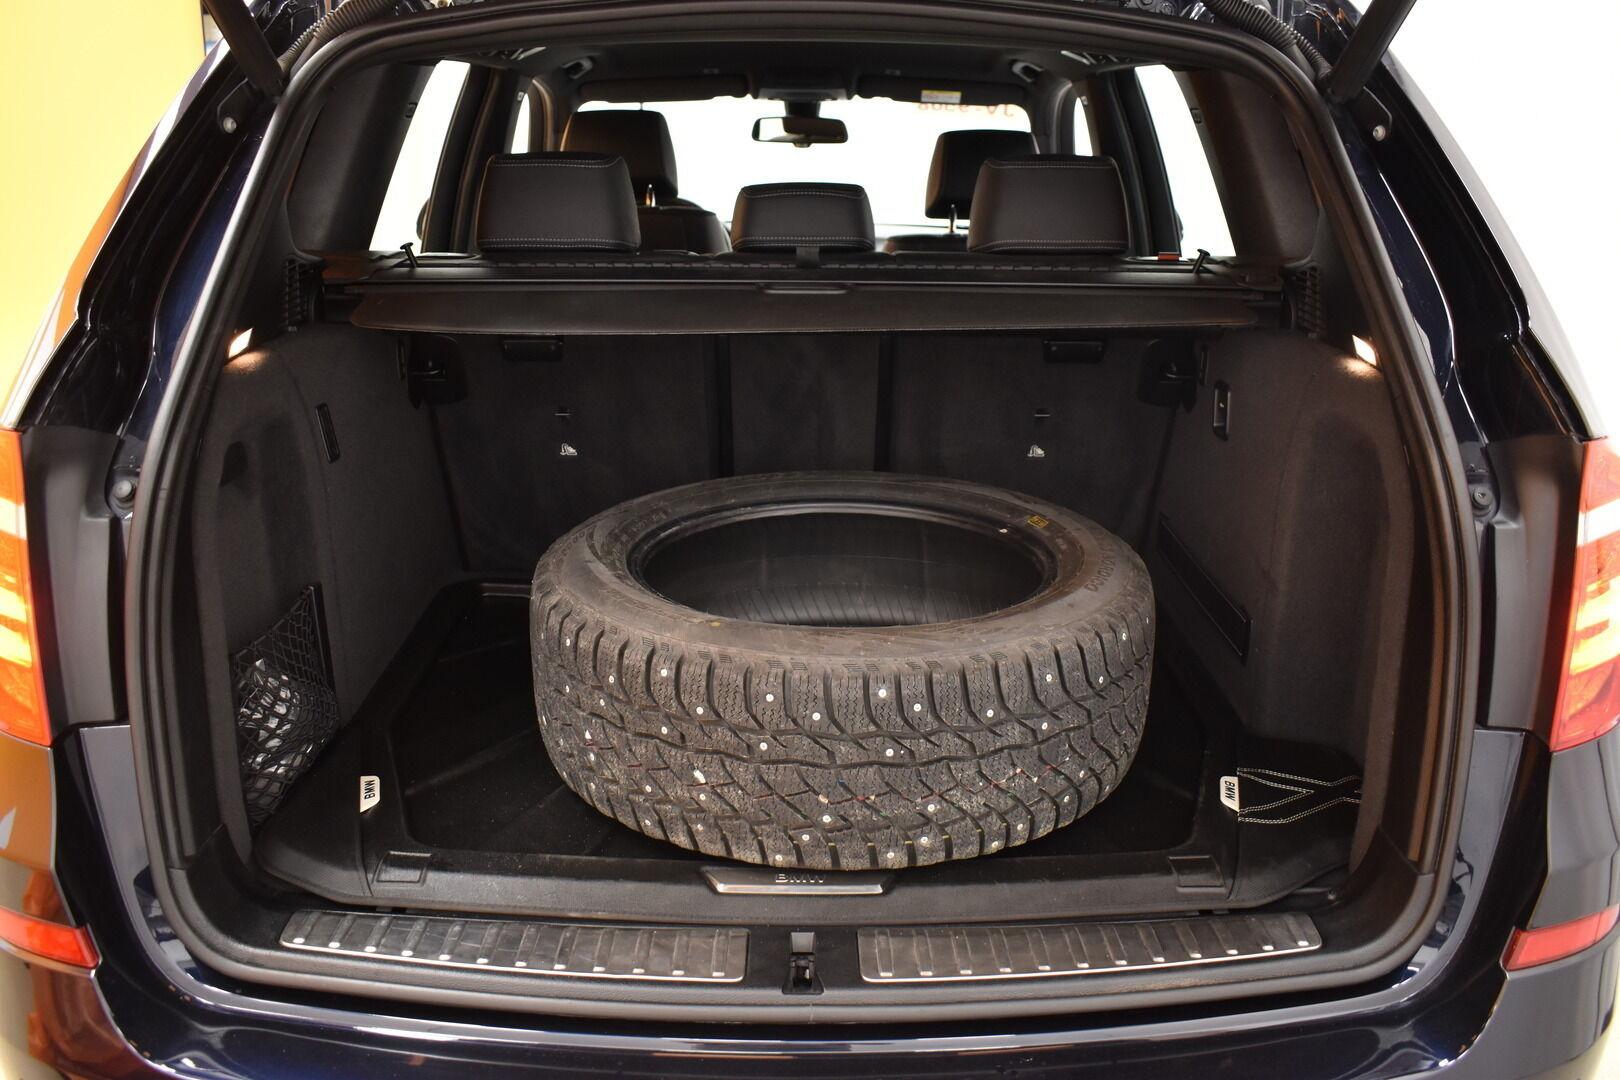 Musta Maastoauto, BMW X3 – OUL-28083, kuva 28